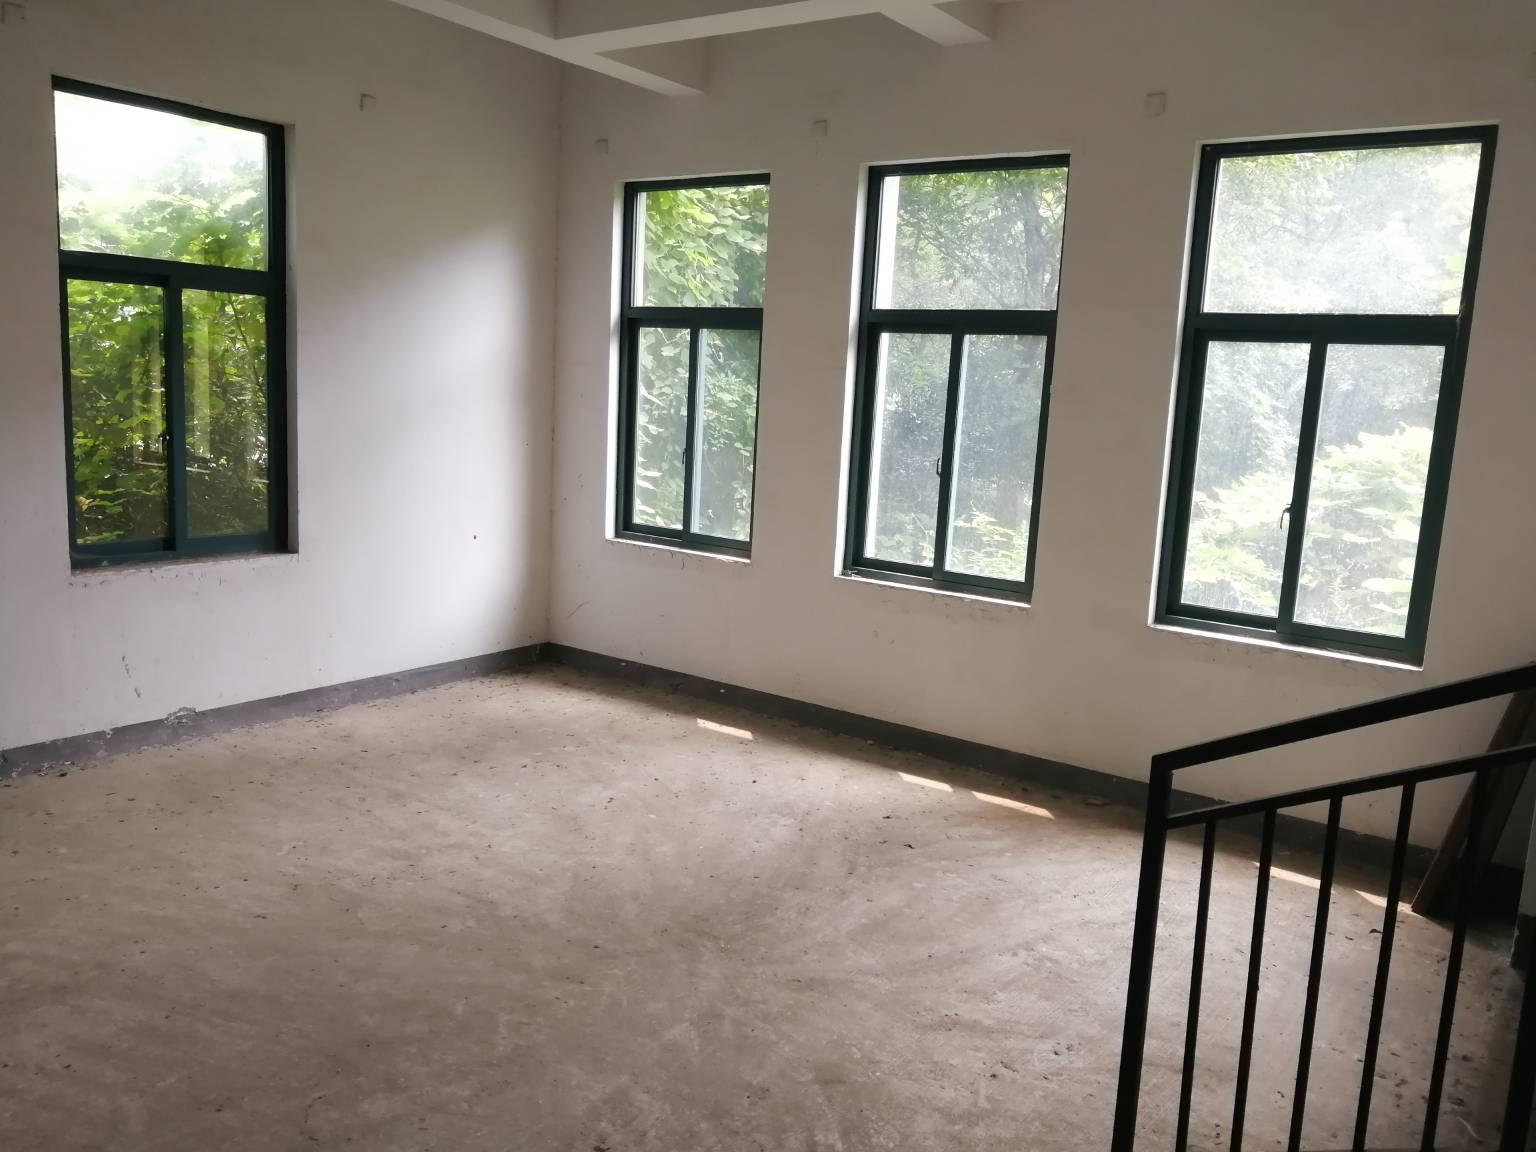 天樂云都 獨棟483方 花園1畝地 環境空氣好 產權清晰